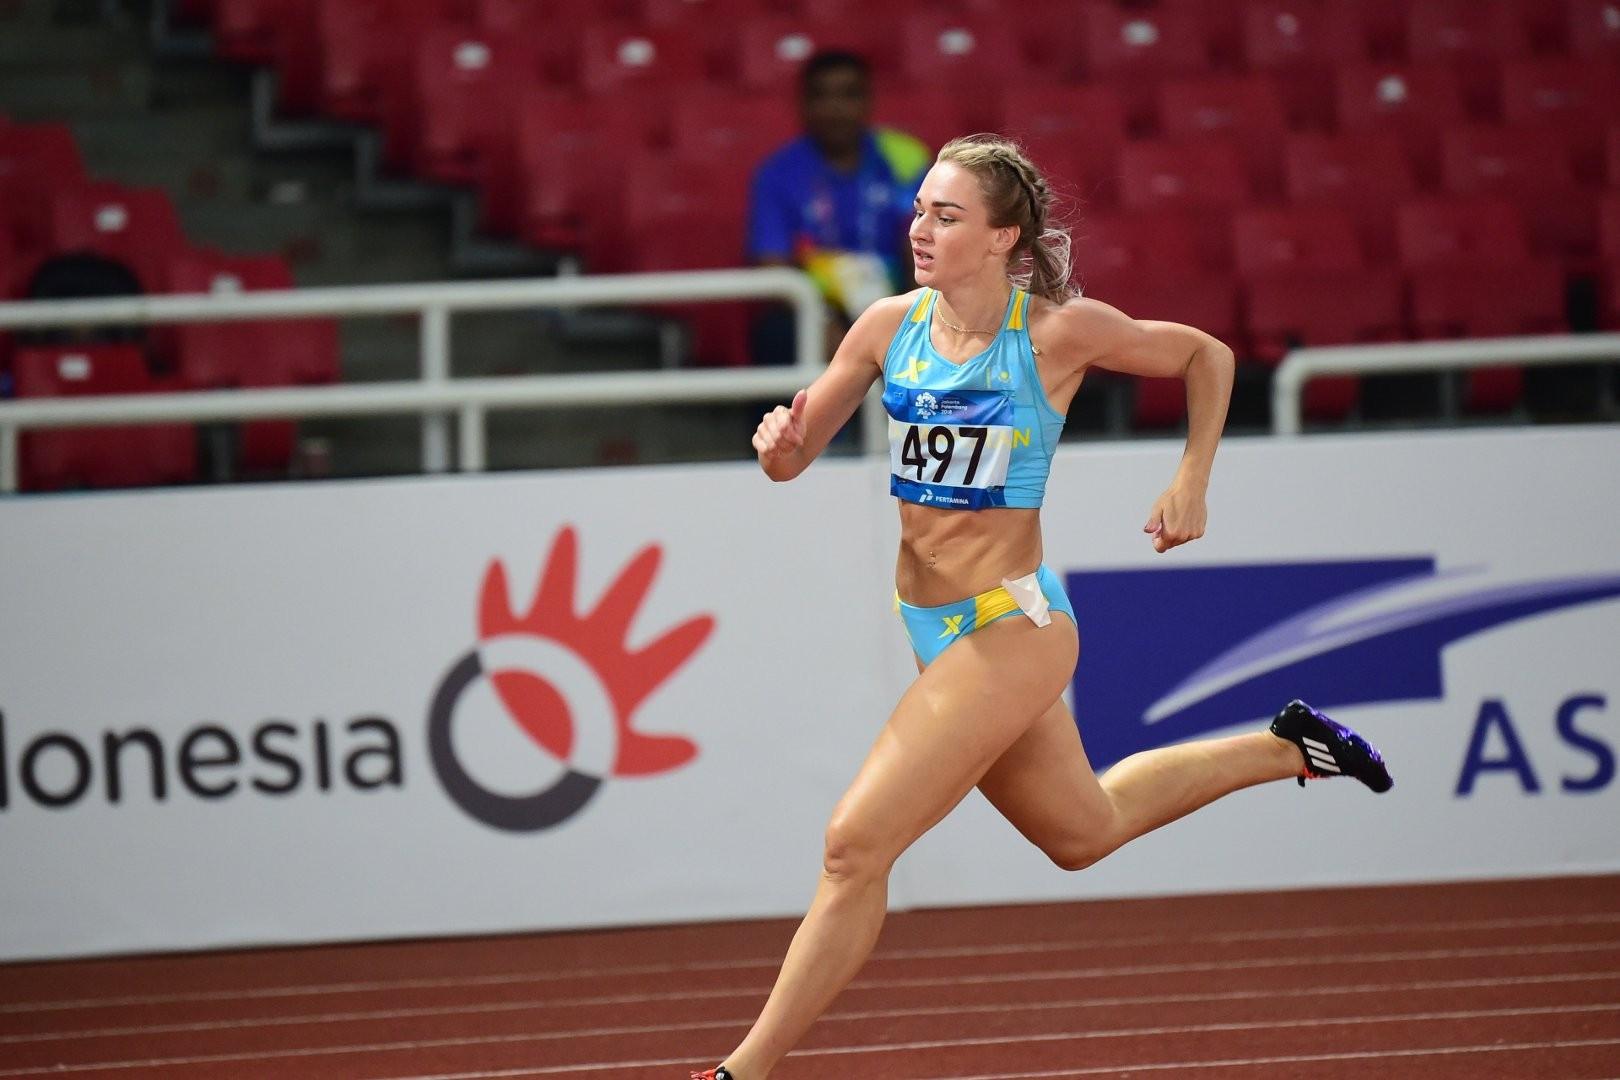 Элина Михина жеңіл атлетикадан Азия чемпионатының «күмісін» еншіледі